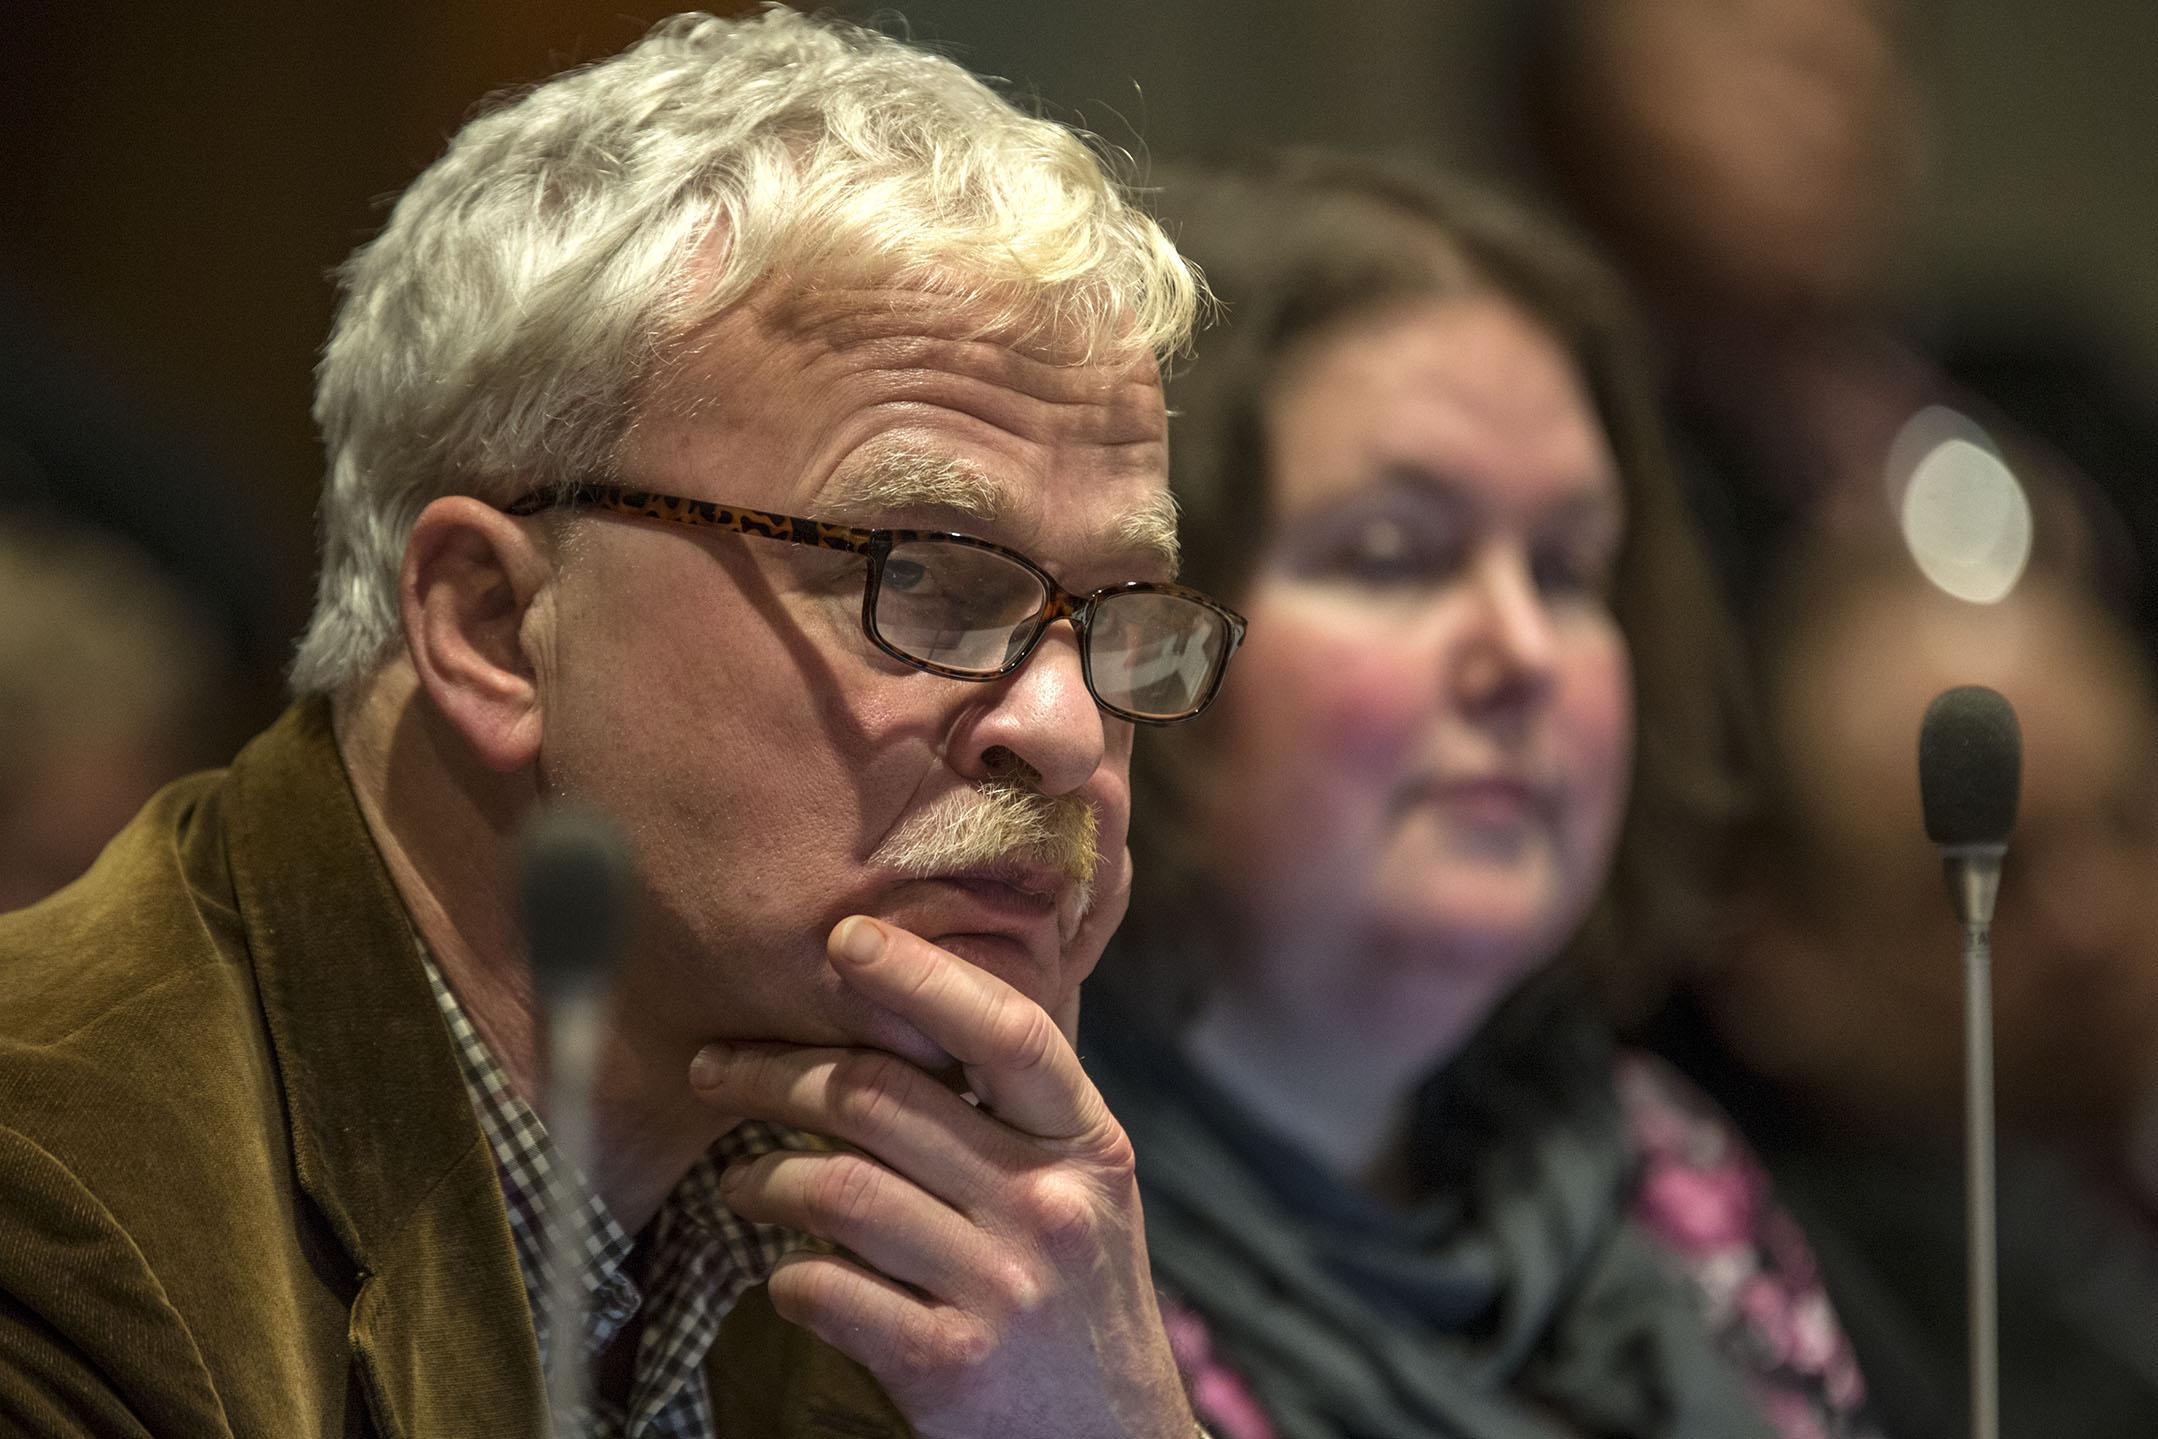 Lintje voor vertrekkend VVD-raadslid Bas Wienbelt (73) in Alphen aan den Rijn